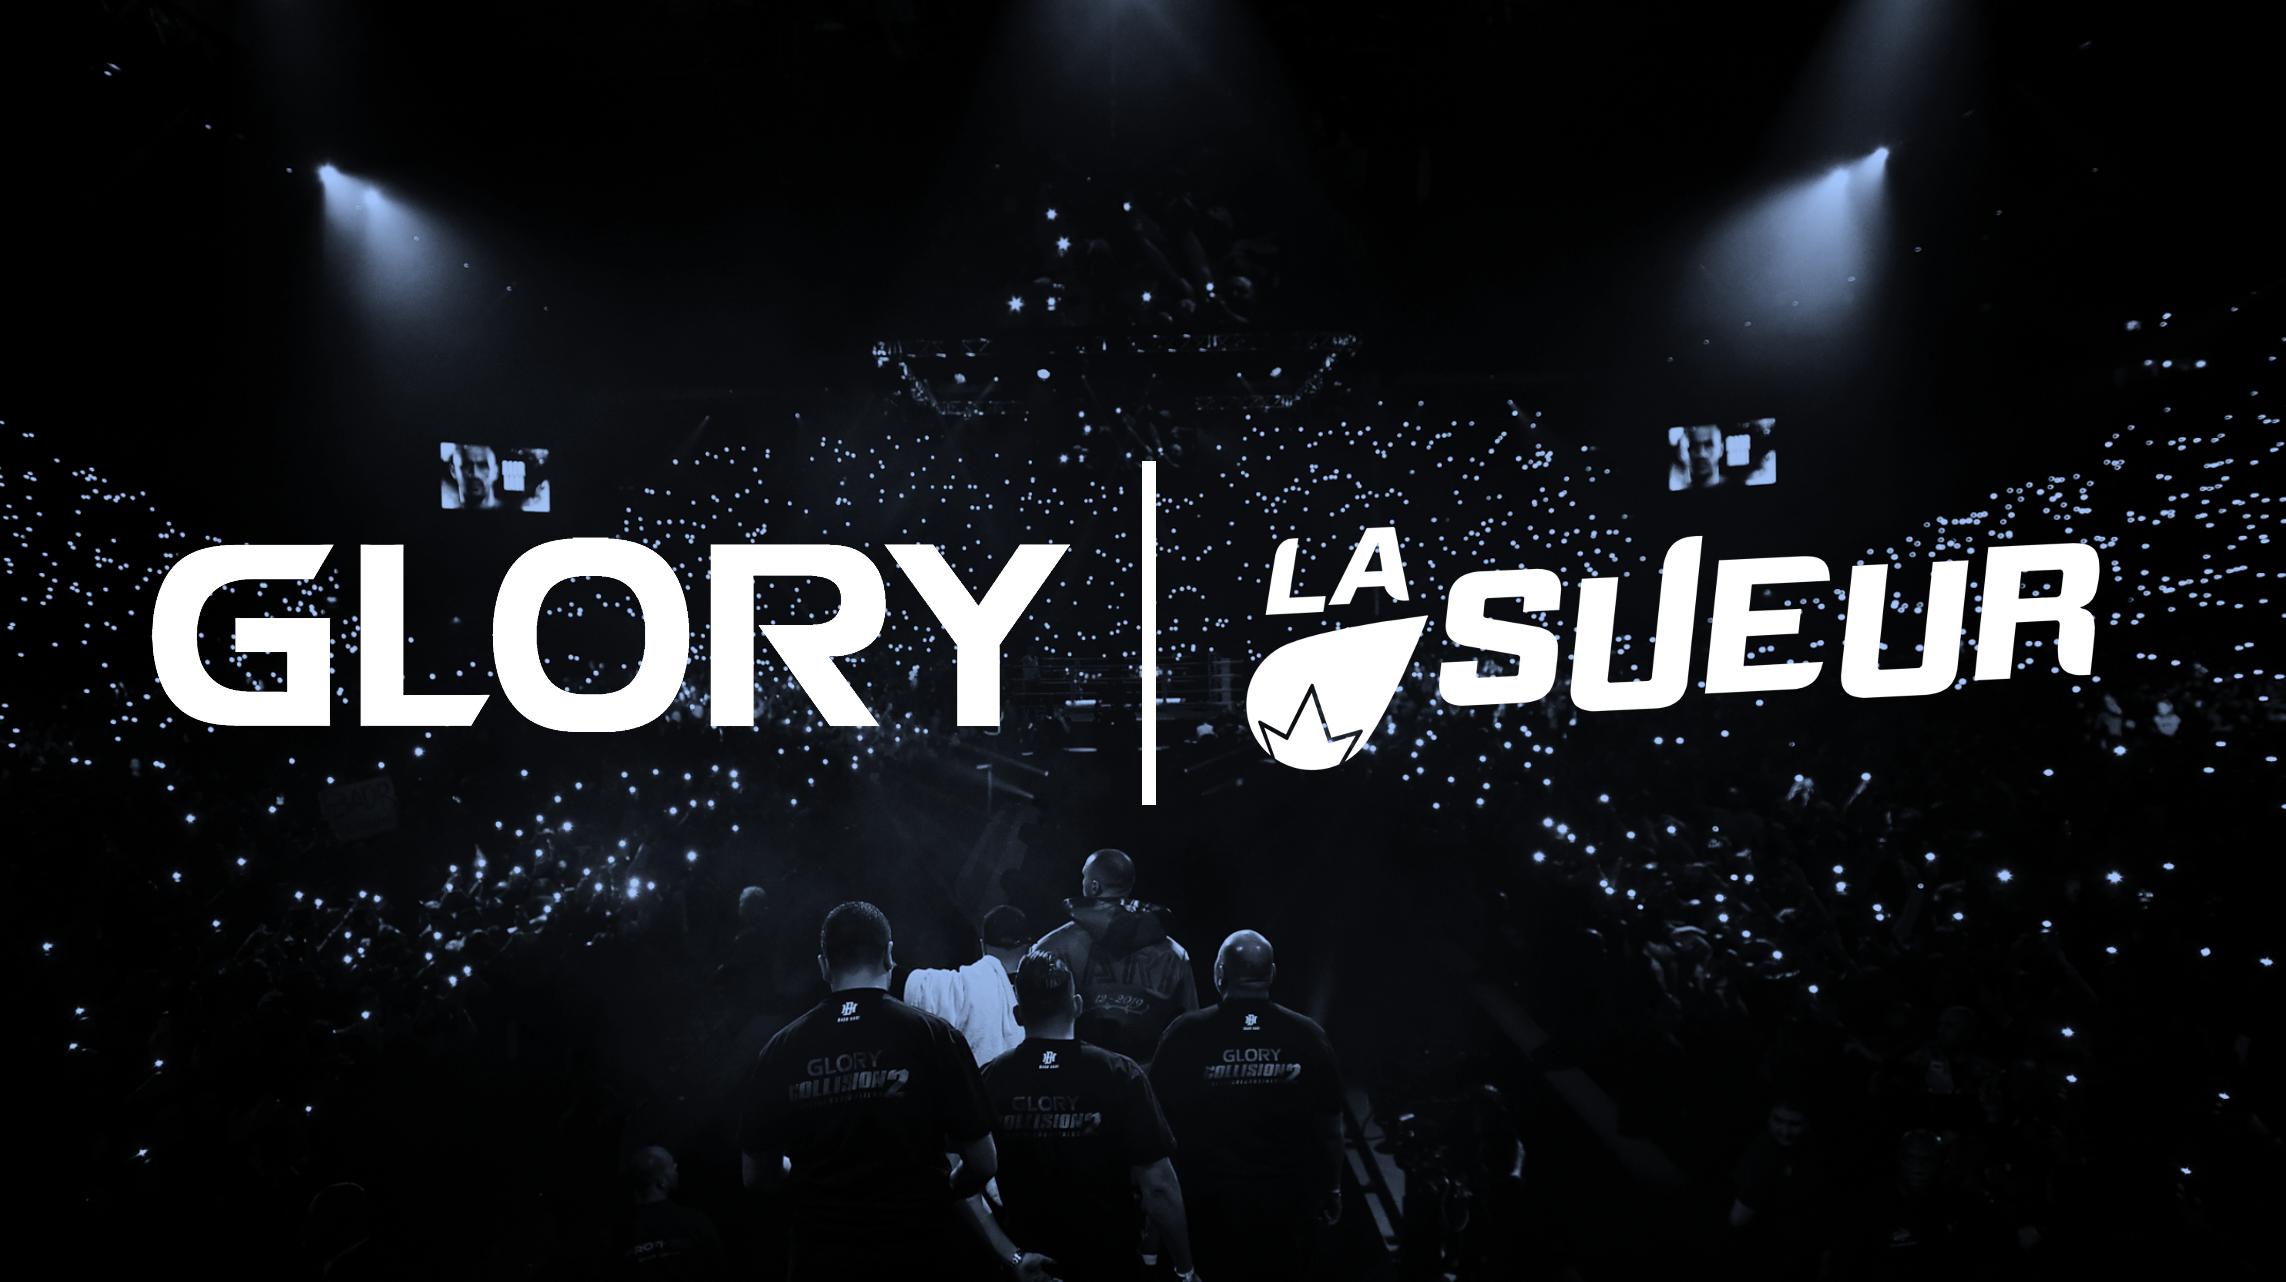 GLORY et La Sueur annoncent un nouveau partenariat pay-per-view en France